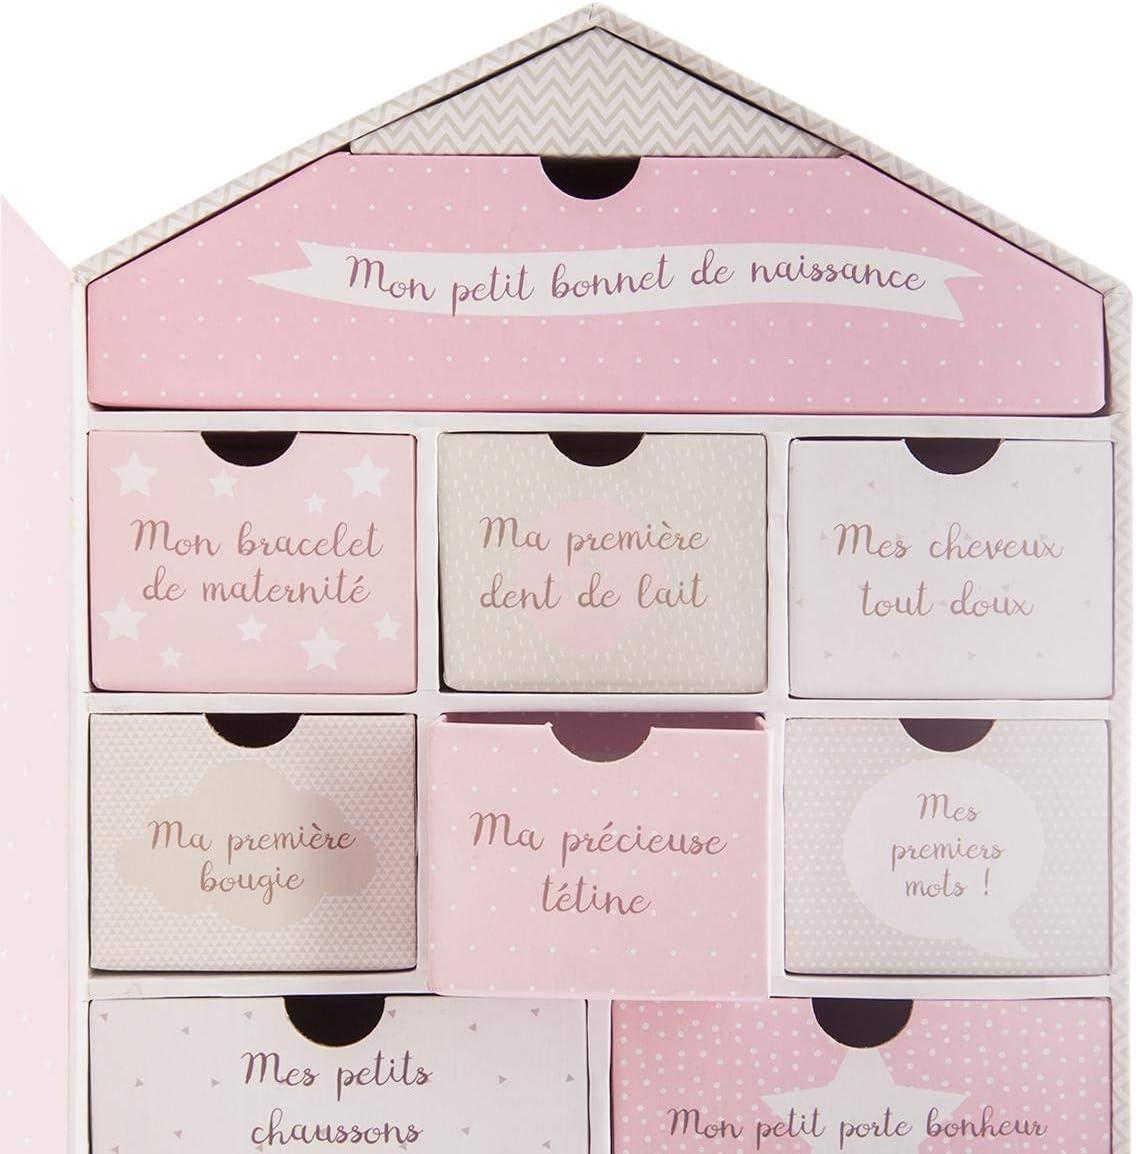 Atmosphera Coffret de Naissance Maison 20,8x30,5